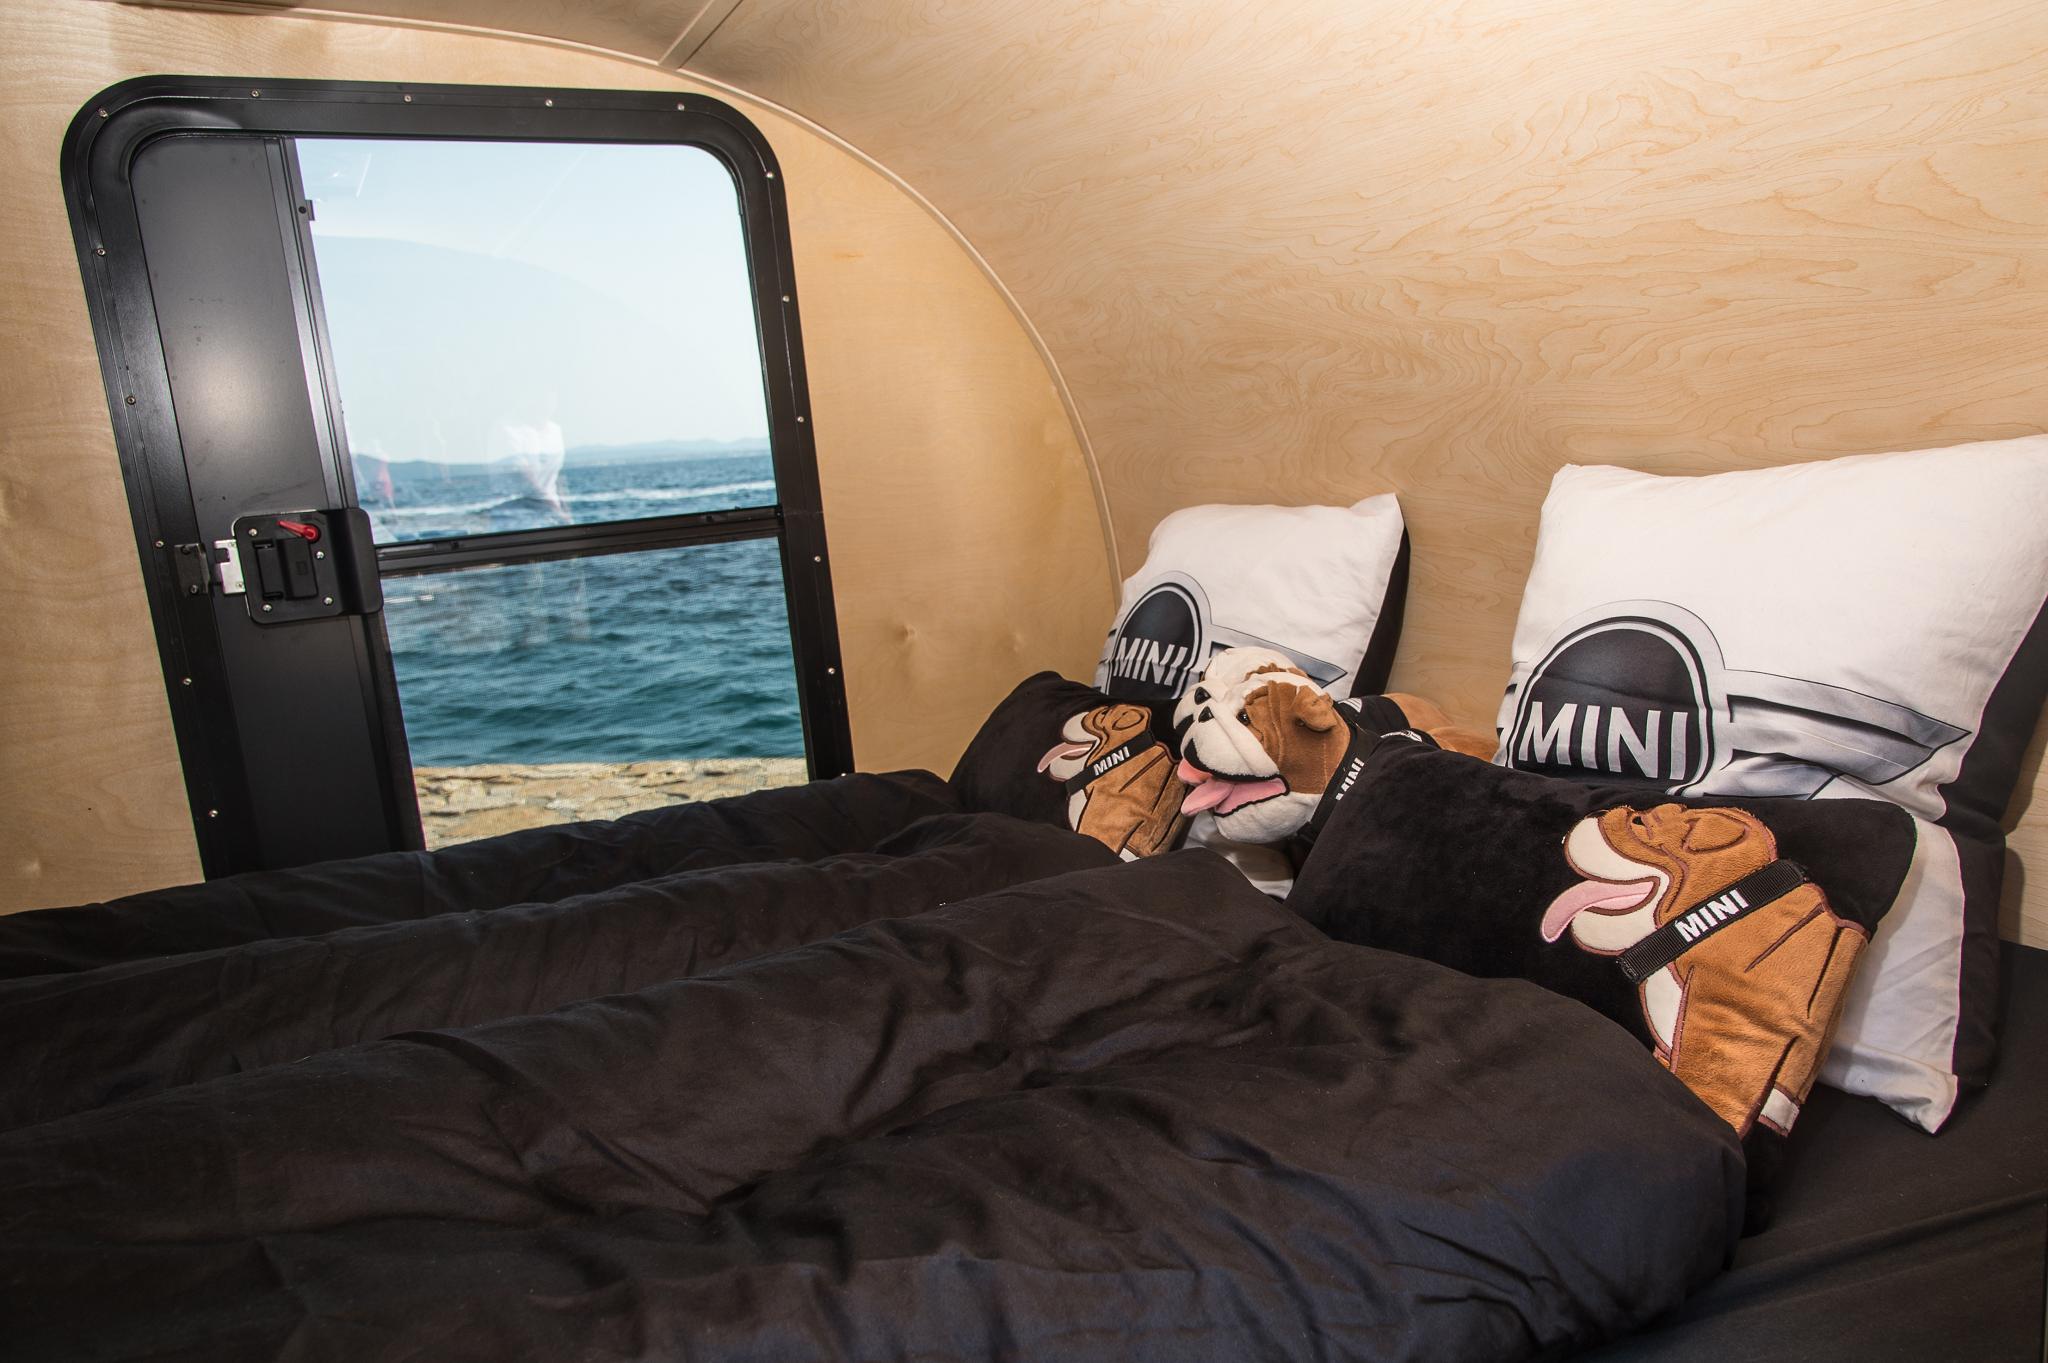 The MINI Cowley Caravan 3